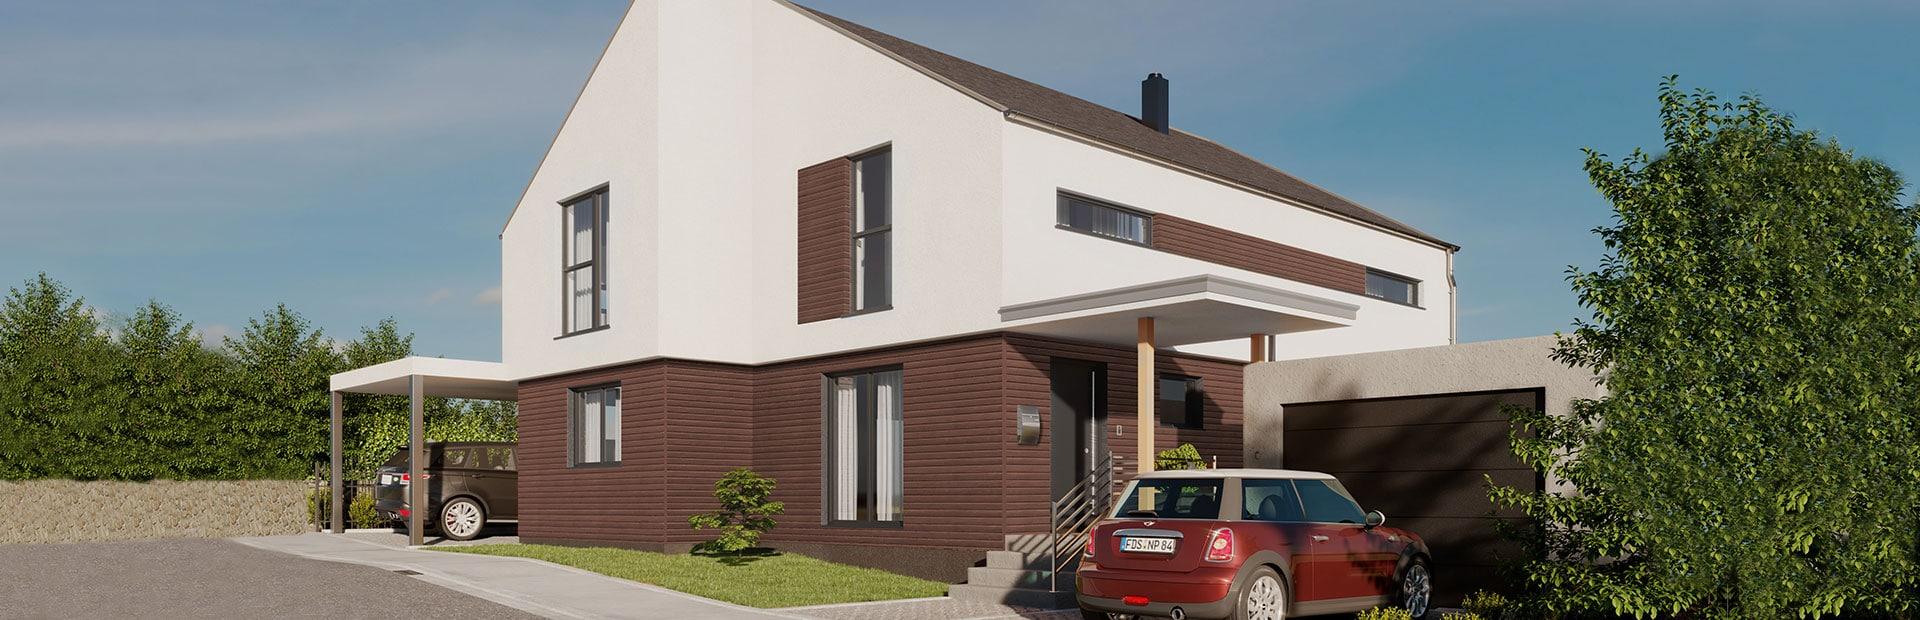 Einfamilienhaus mit reduziertem Dachvorsprung